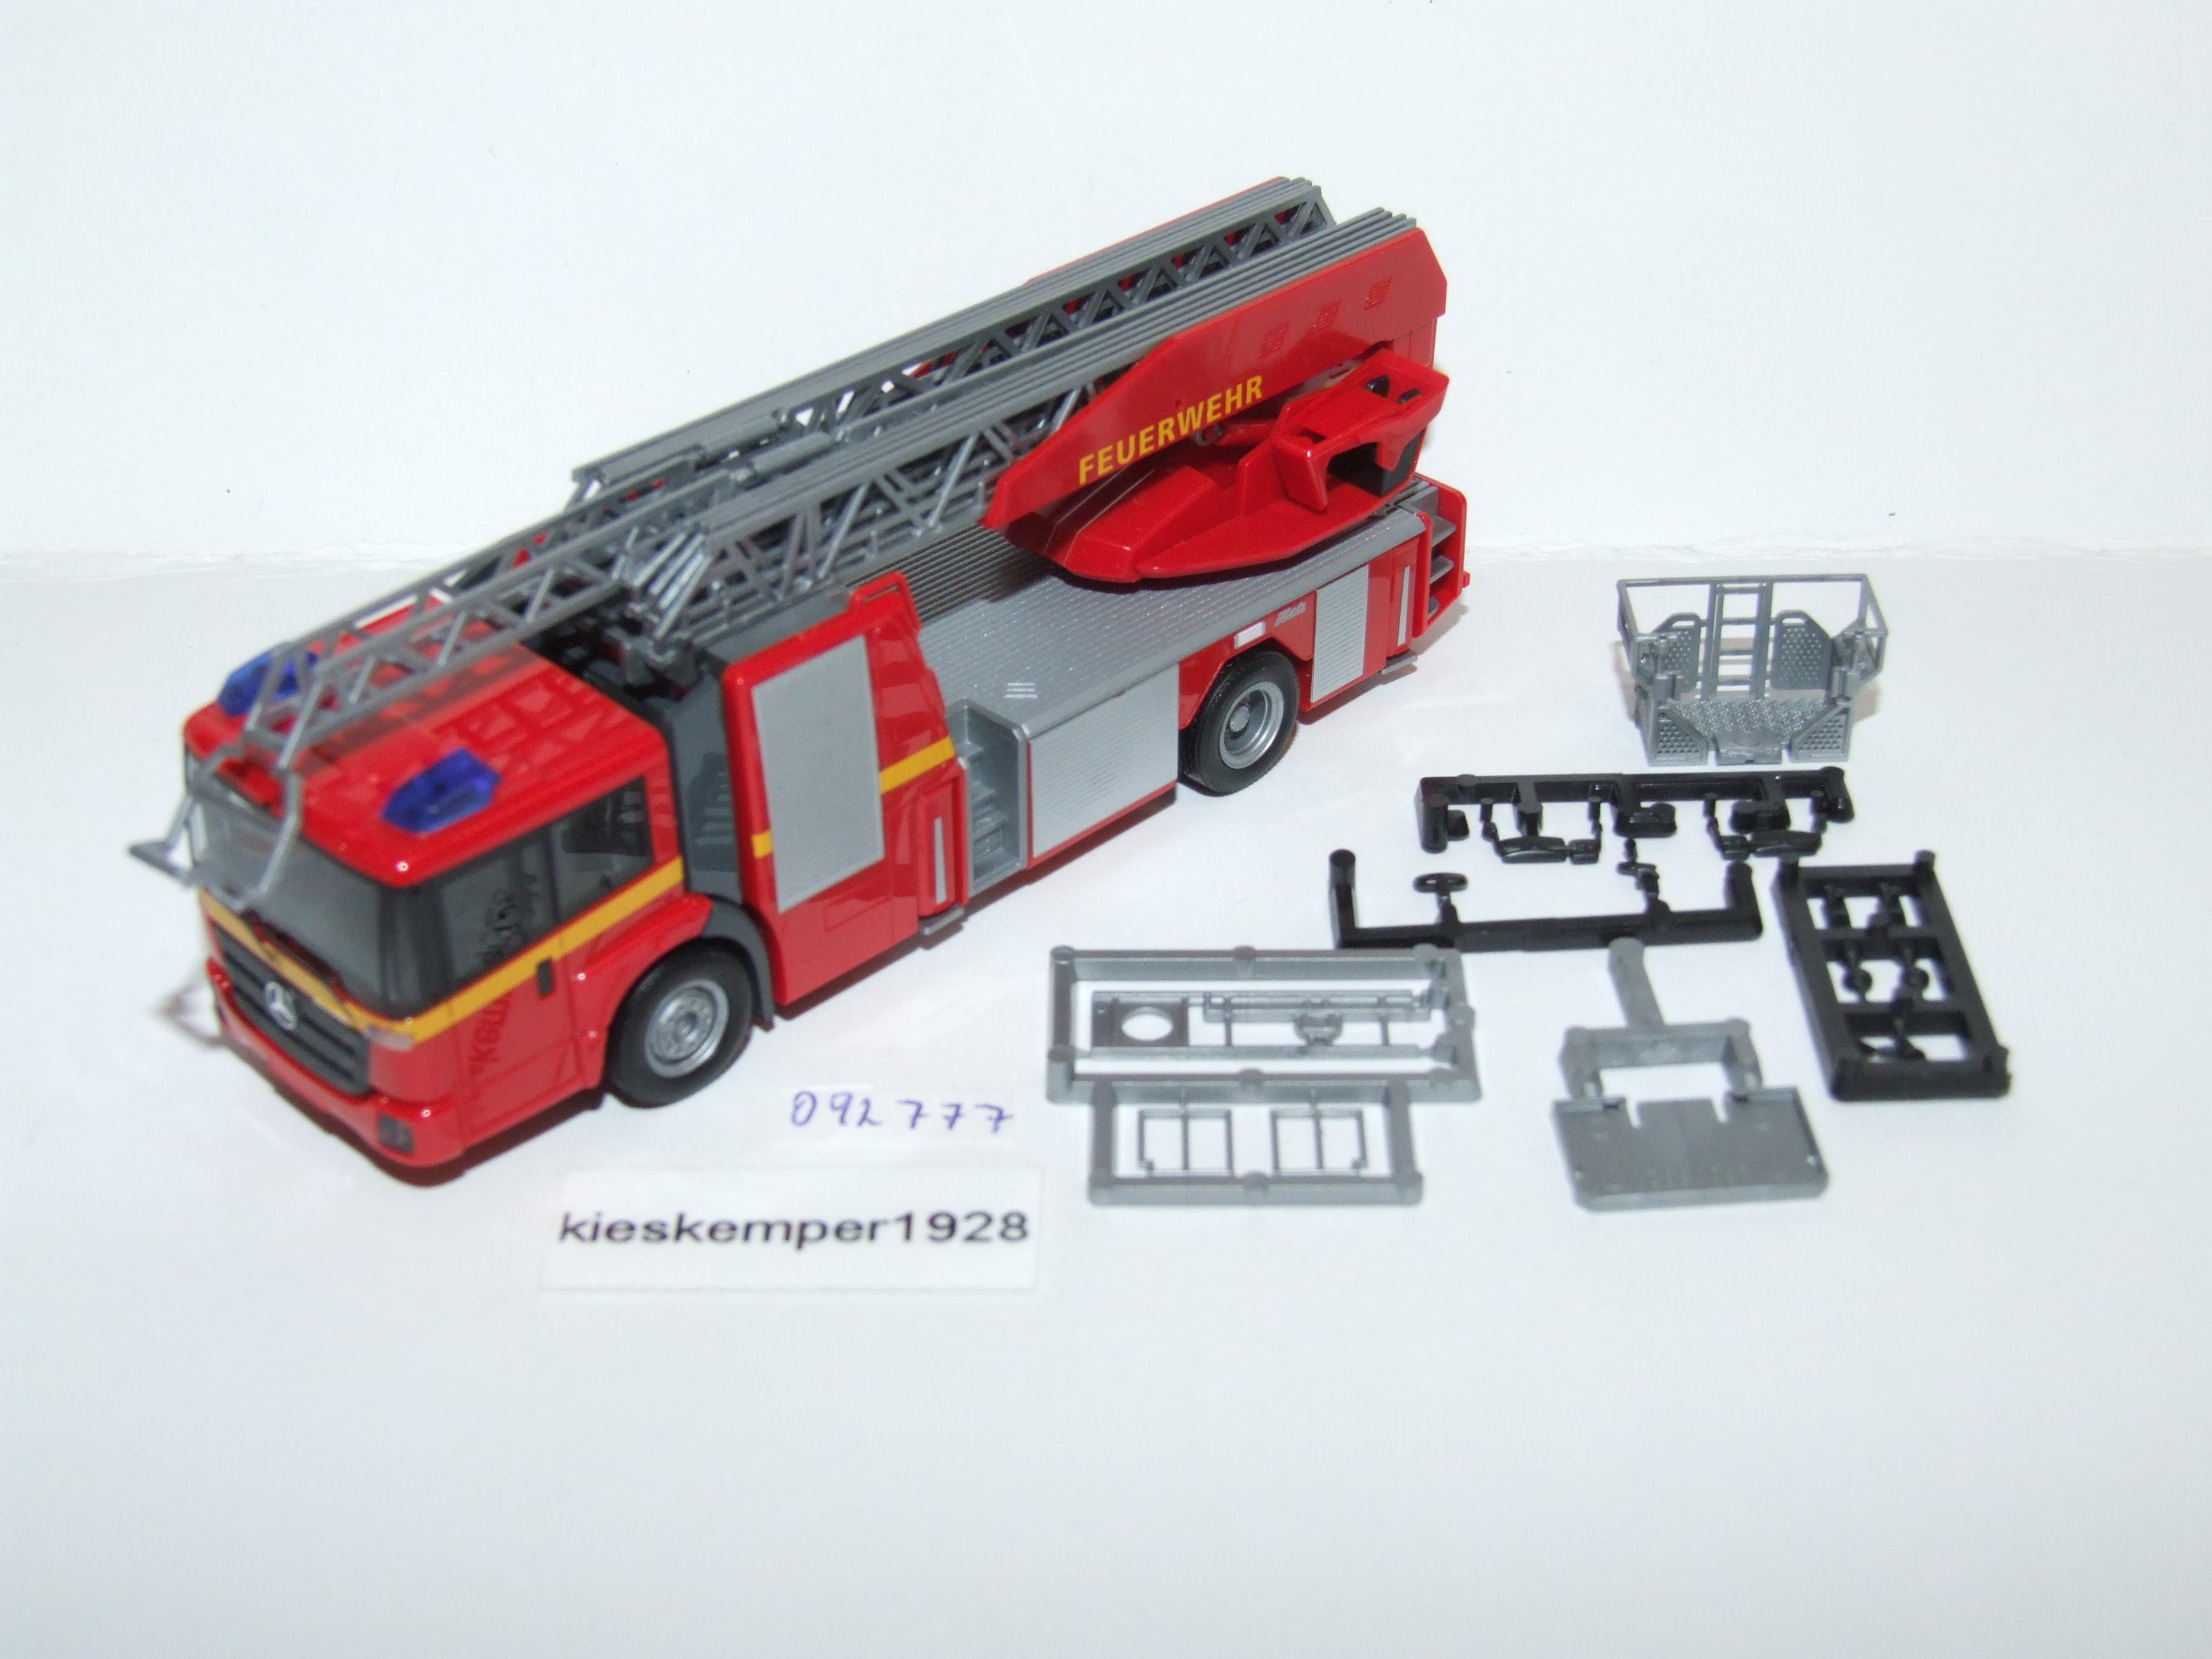 Feuerwehr Neu Herpa 092777-1//87 Mb Econic Metz Drehleiter L32 Xs